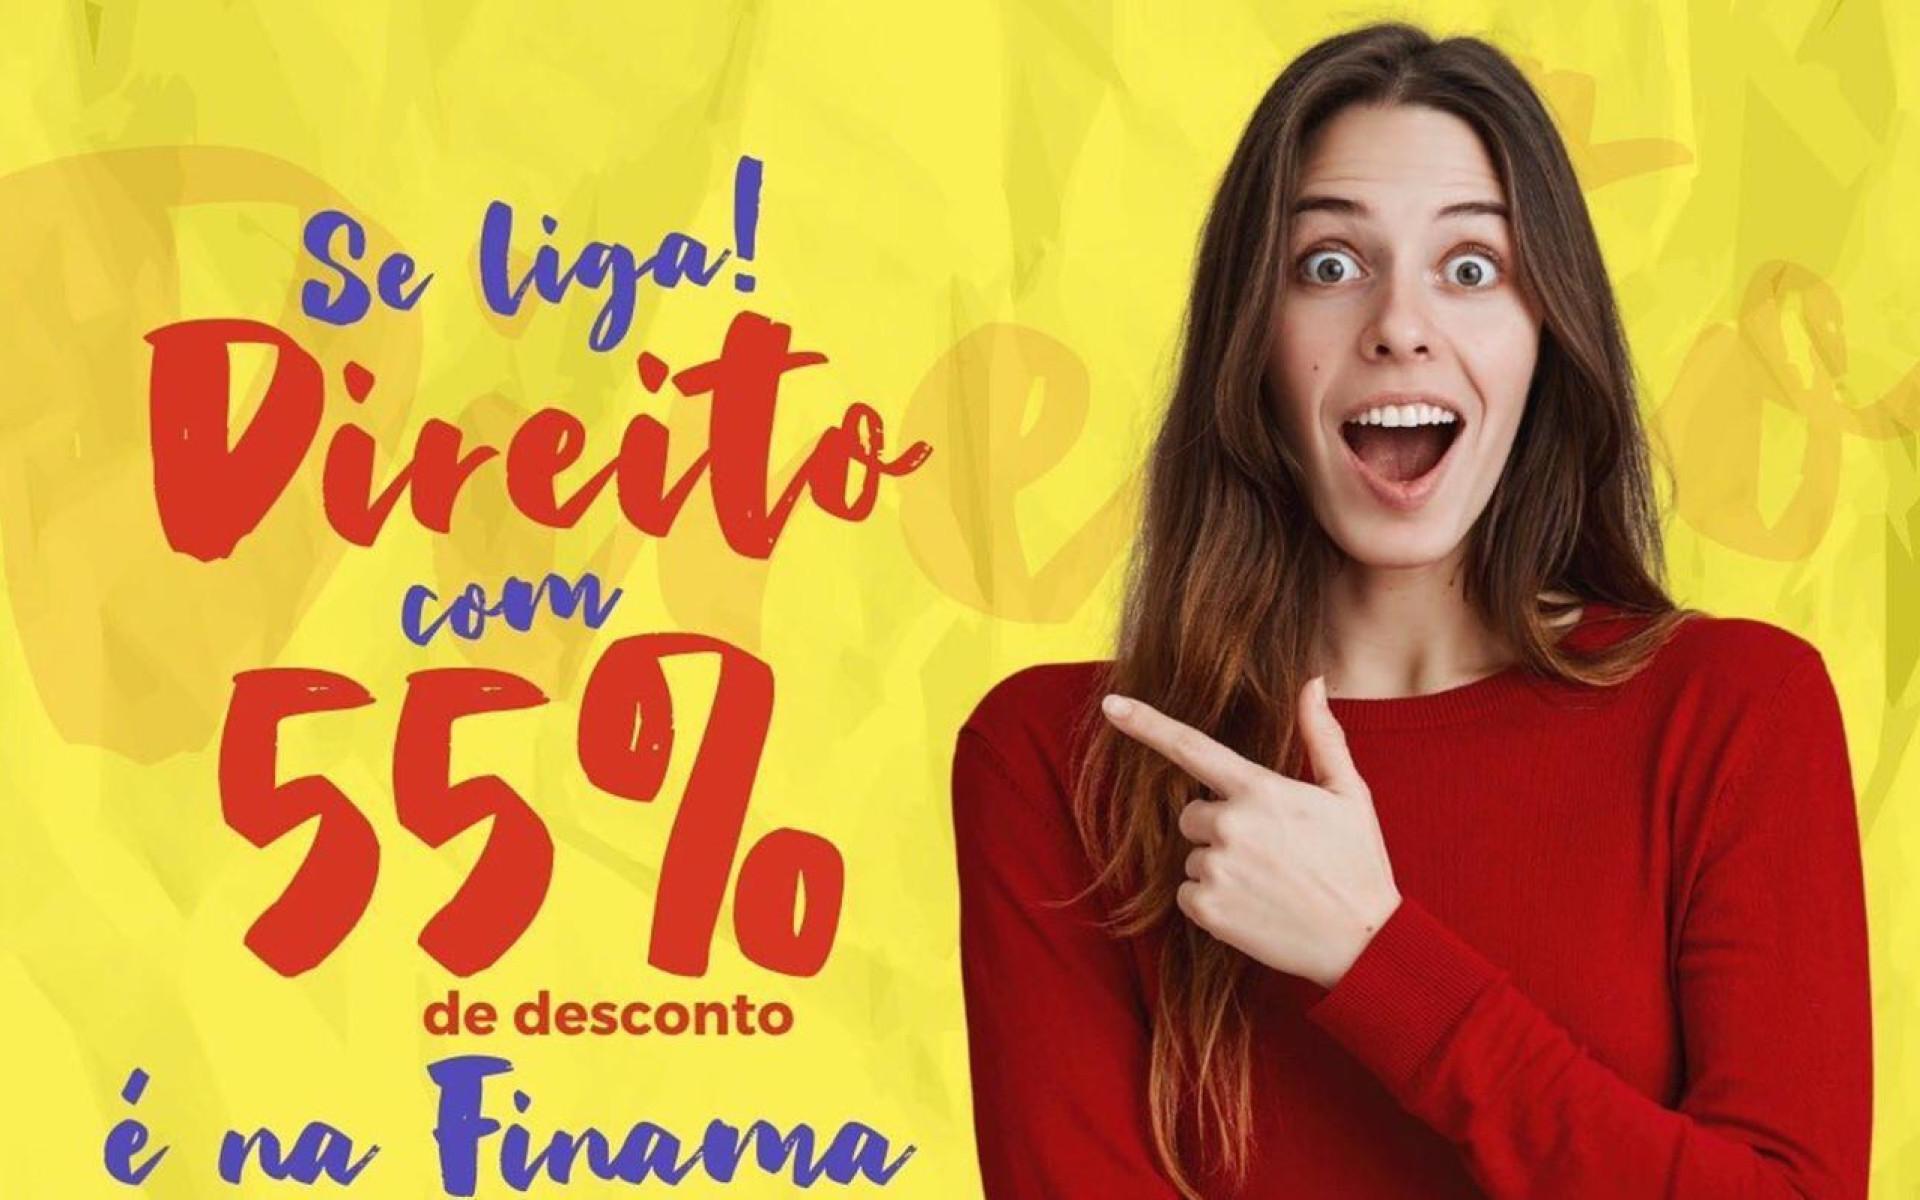 Até dia 13: FINAMA abre novas vagas para Direito com 55% de desconto nas mensalidades